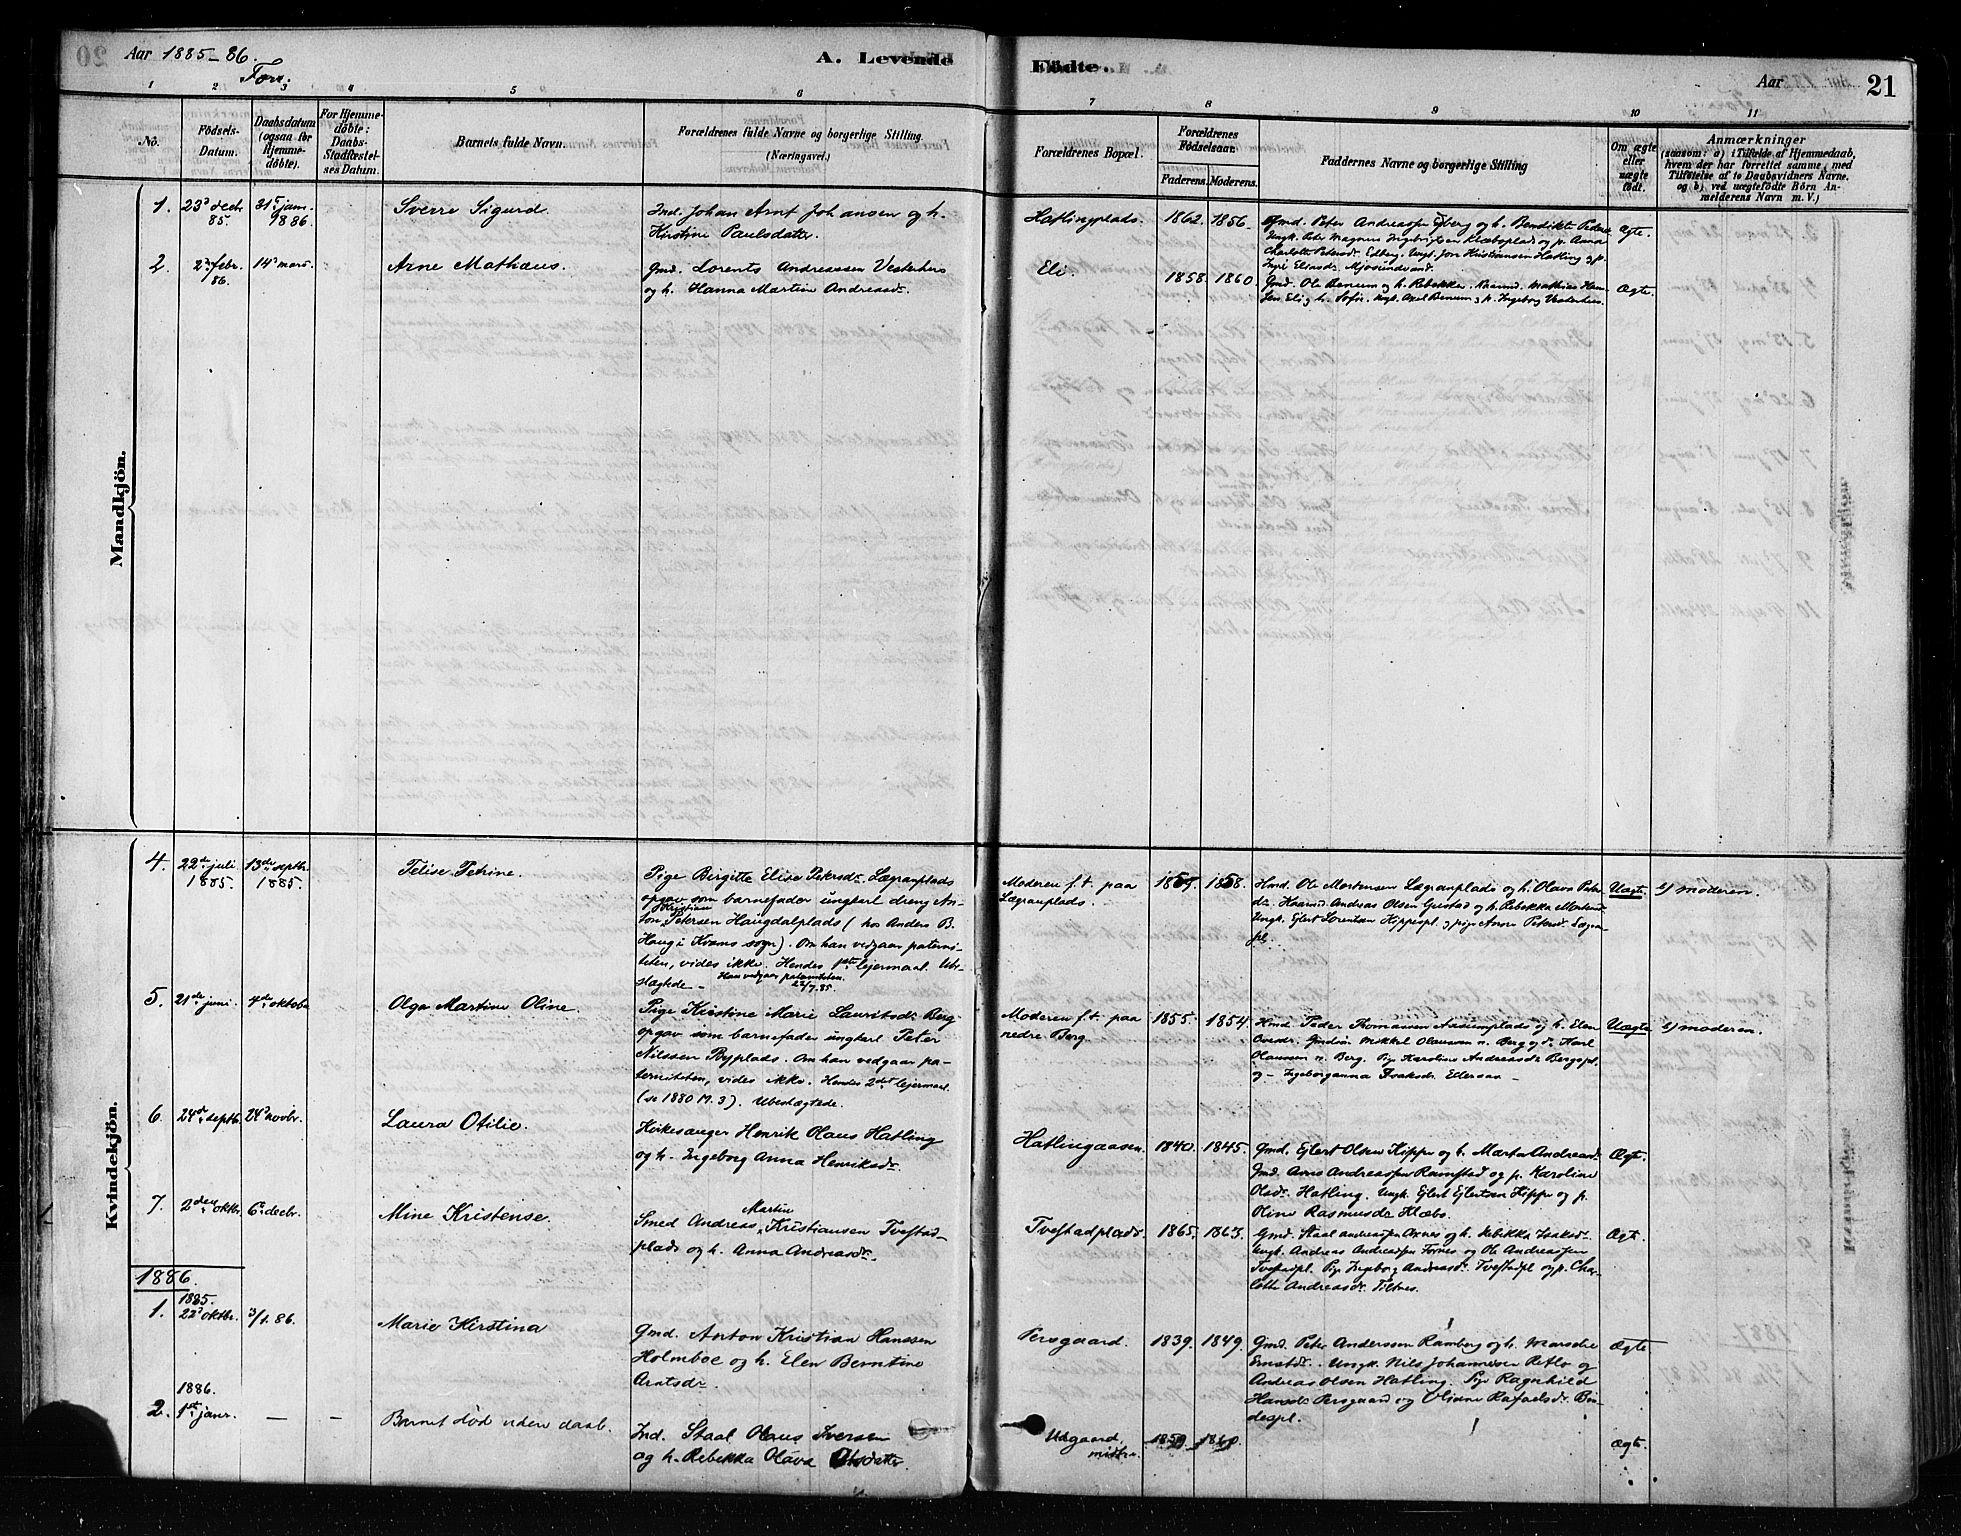 SAT, Ministerialprotokoller, klokkerbøker og fødselsregistre - Nord-Trøndelag, 746/L0448: Ministerialbok nr. 746A07 /1, 1878-1900, s. 21